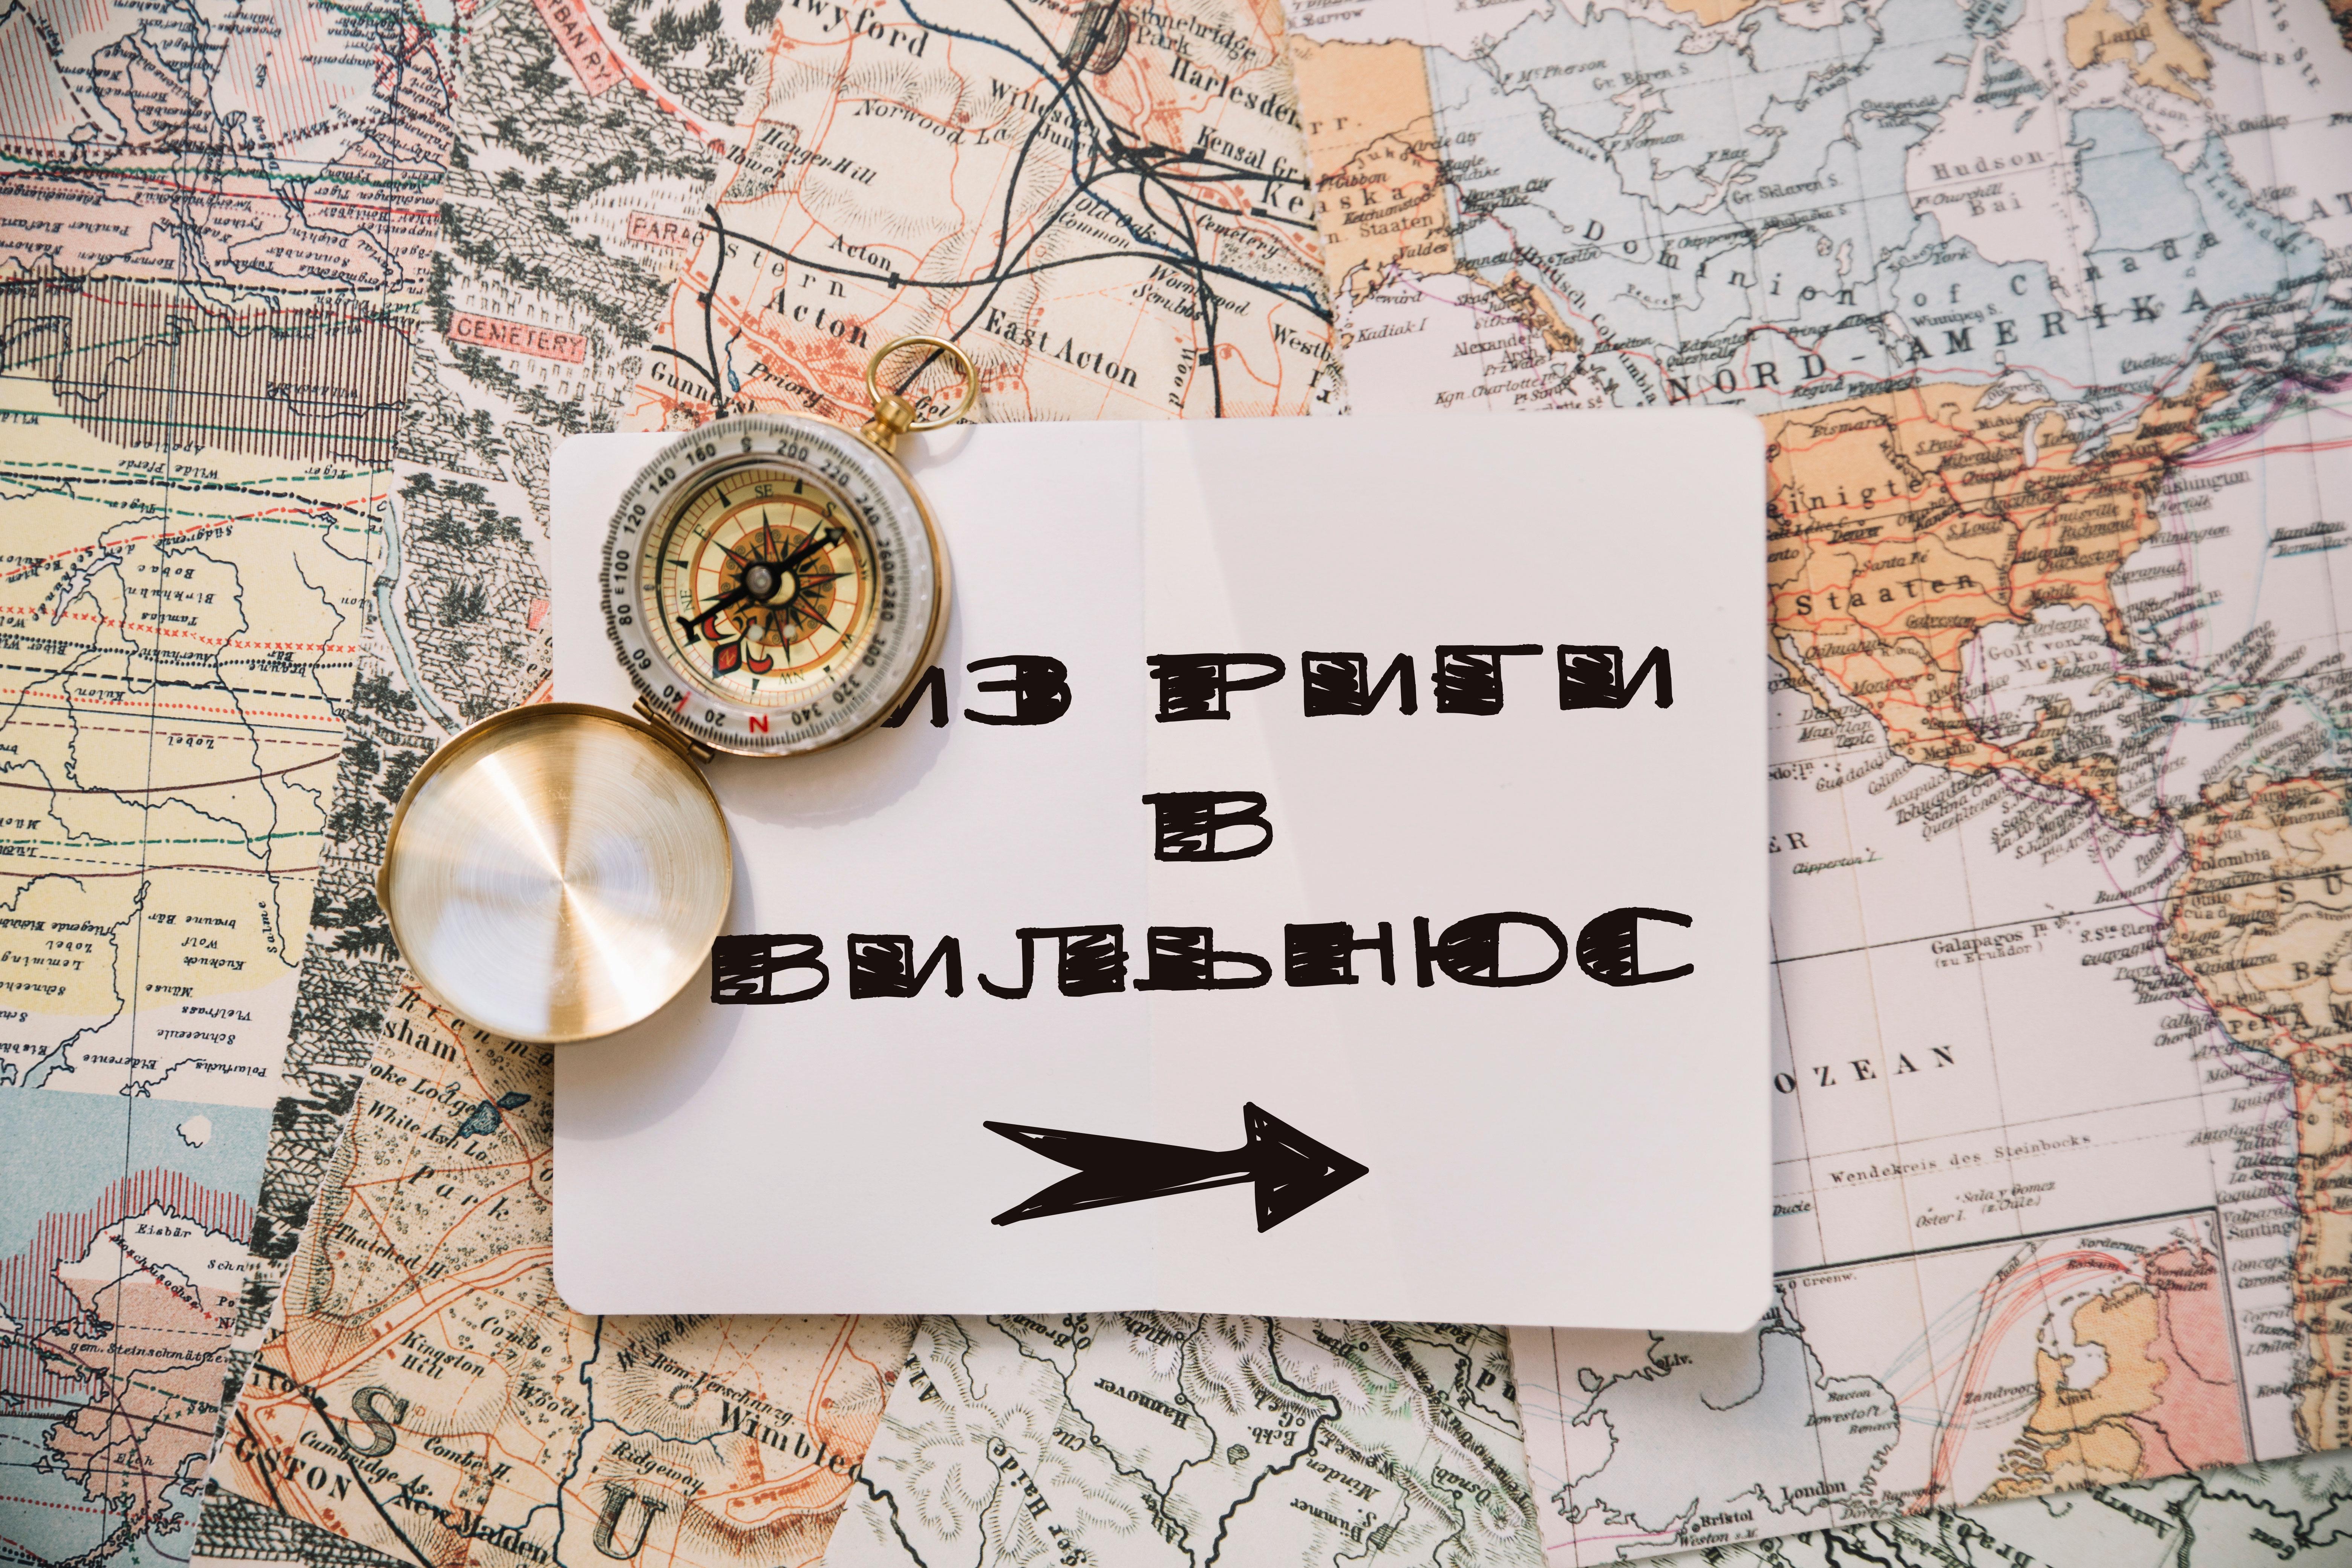 Из Риги в Вильнюс: как добраться на поезде, машине, самолете